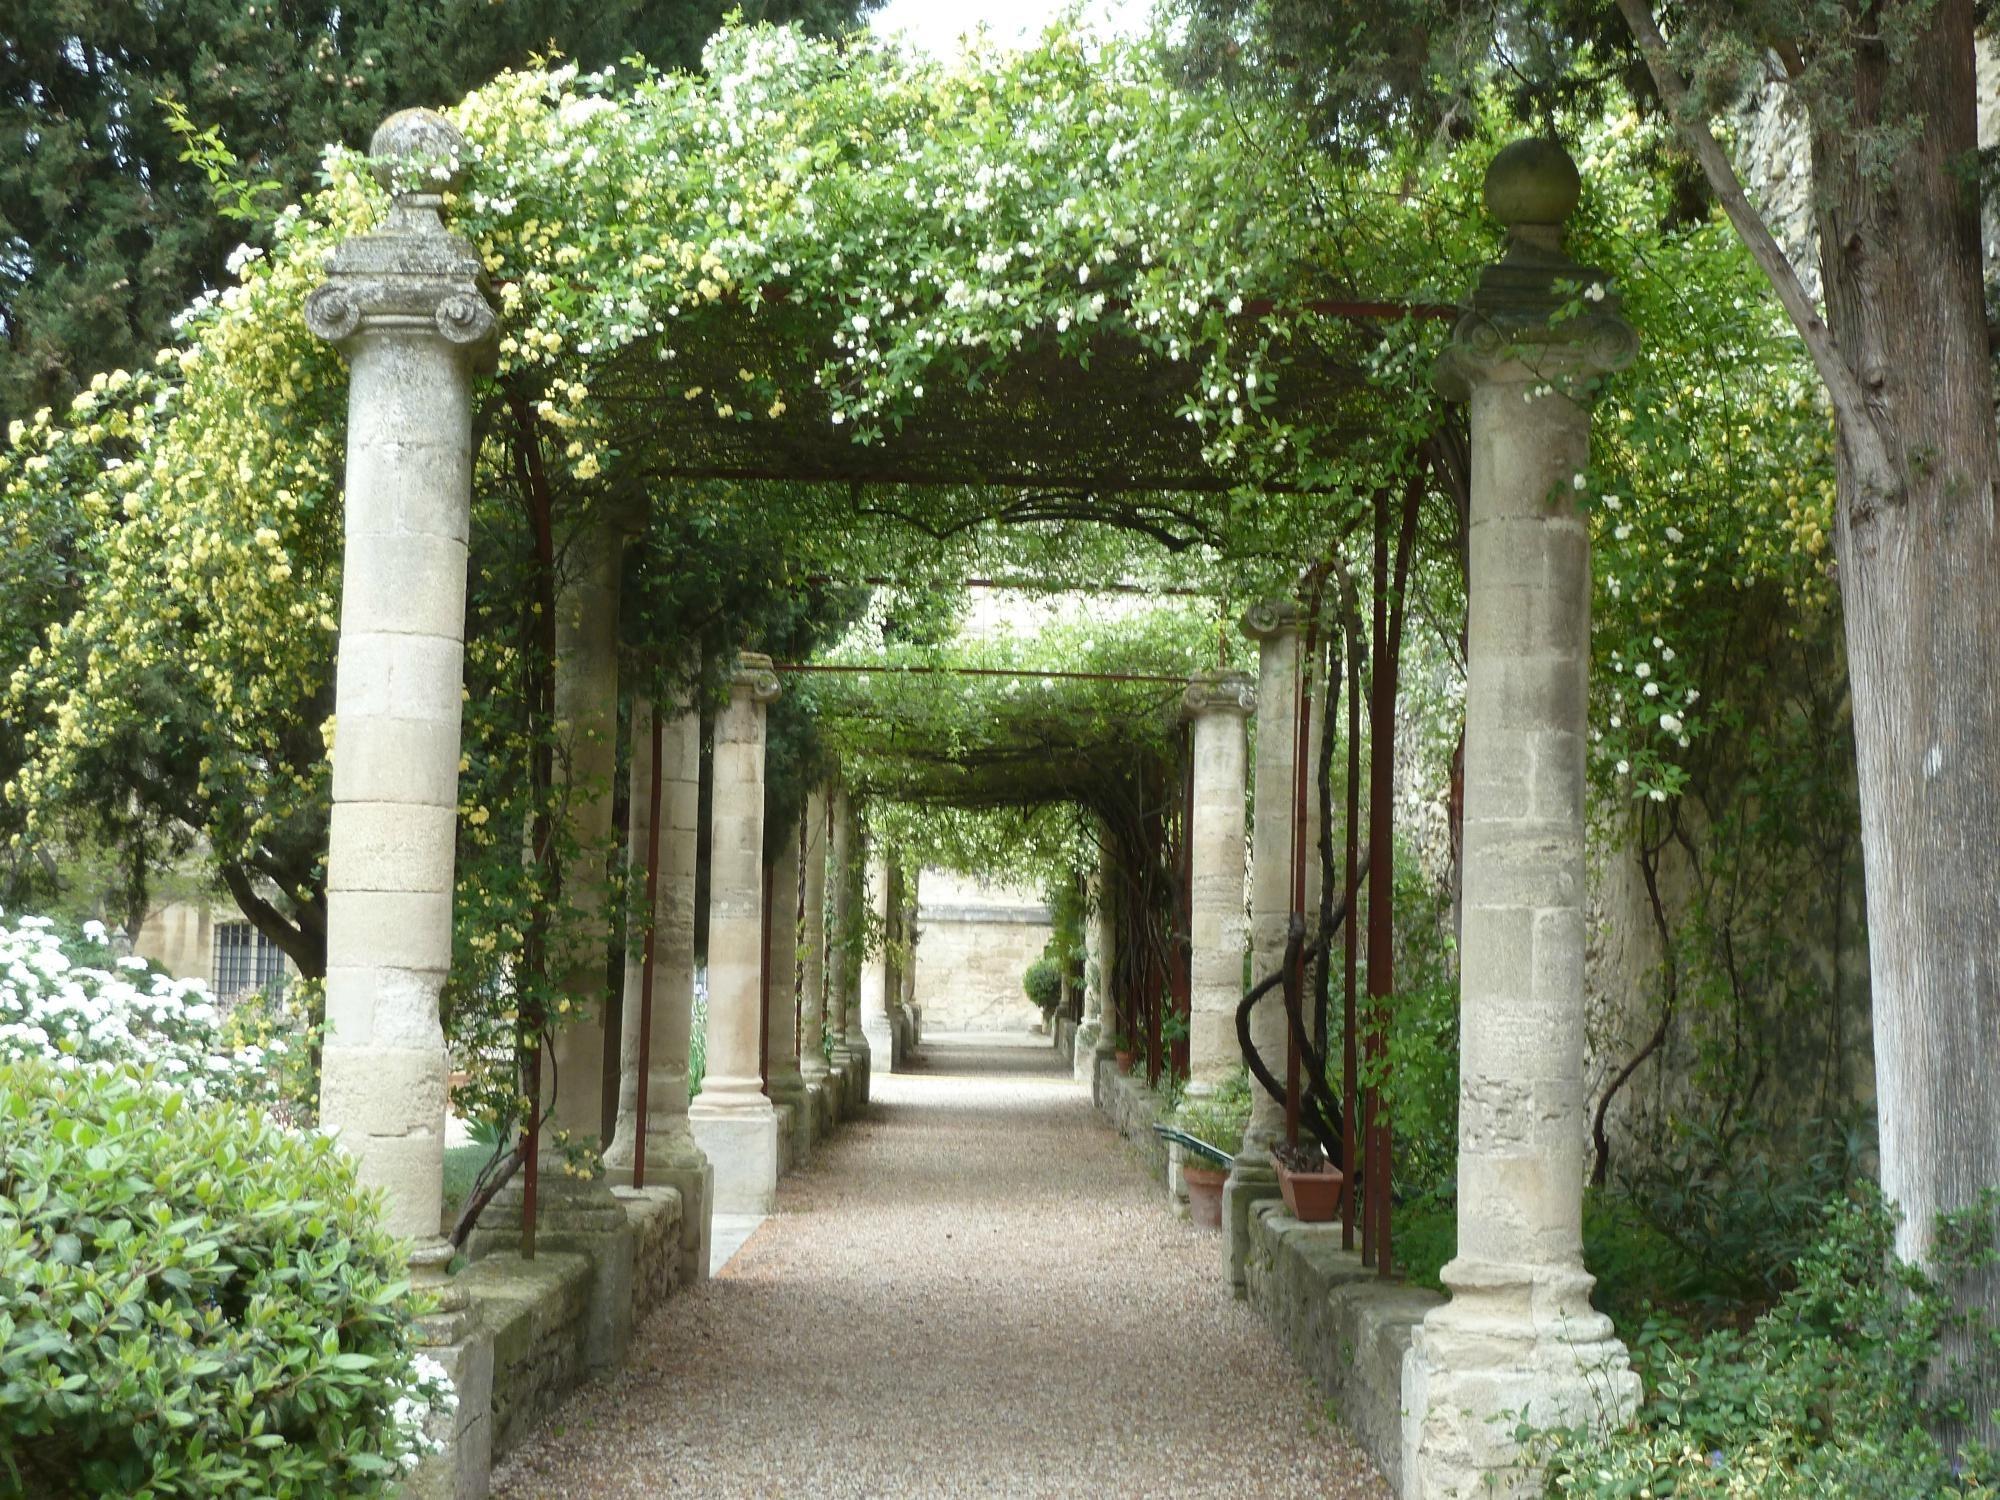 Jardins de l'abbaye Saint-Andre | My Paris | Outdoor garden rooms